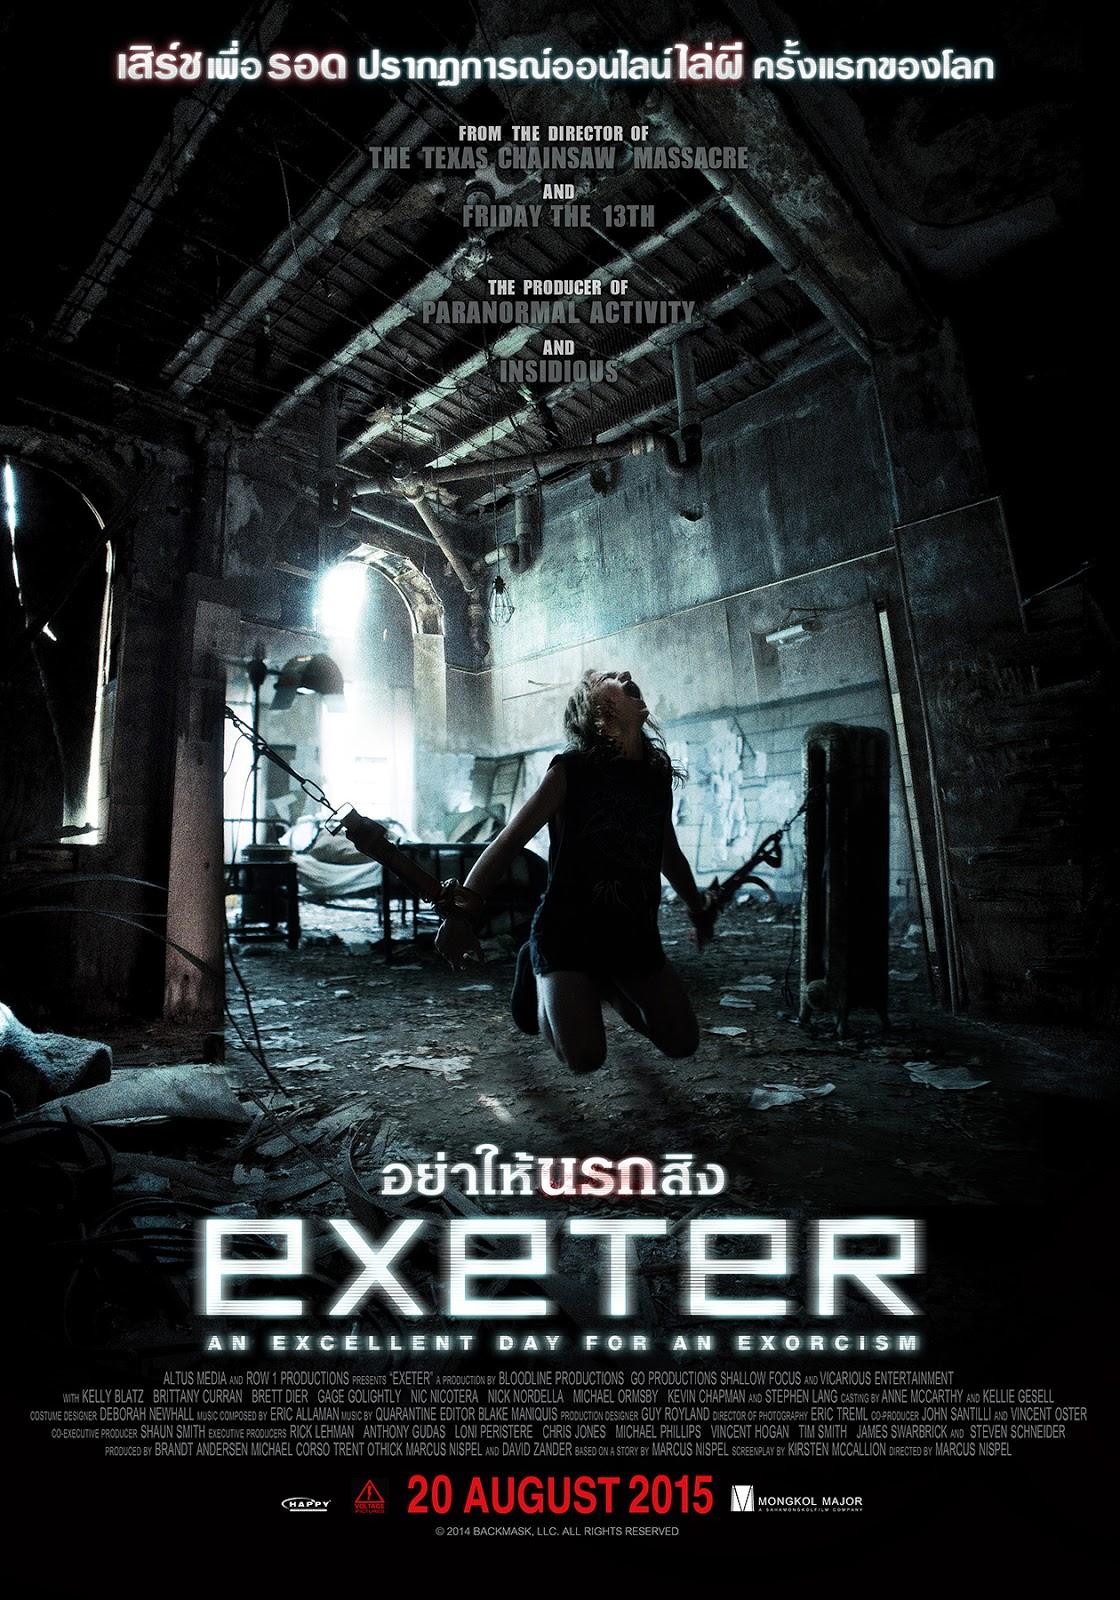 [MASTER มาแล้ว] EXETER (2015) อย่าให้นรกสิง [MASTER][1080P] [เสียงไทยมาสเตอร์ 5.1 + อังกฤษ 5.1]